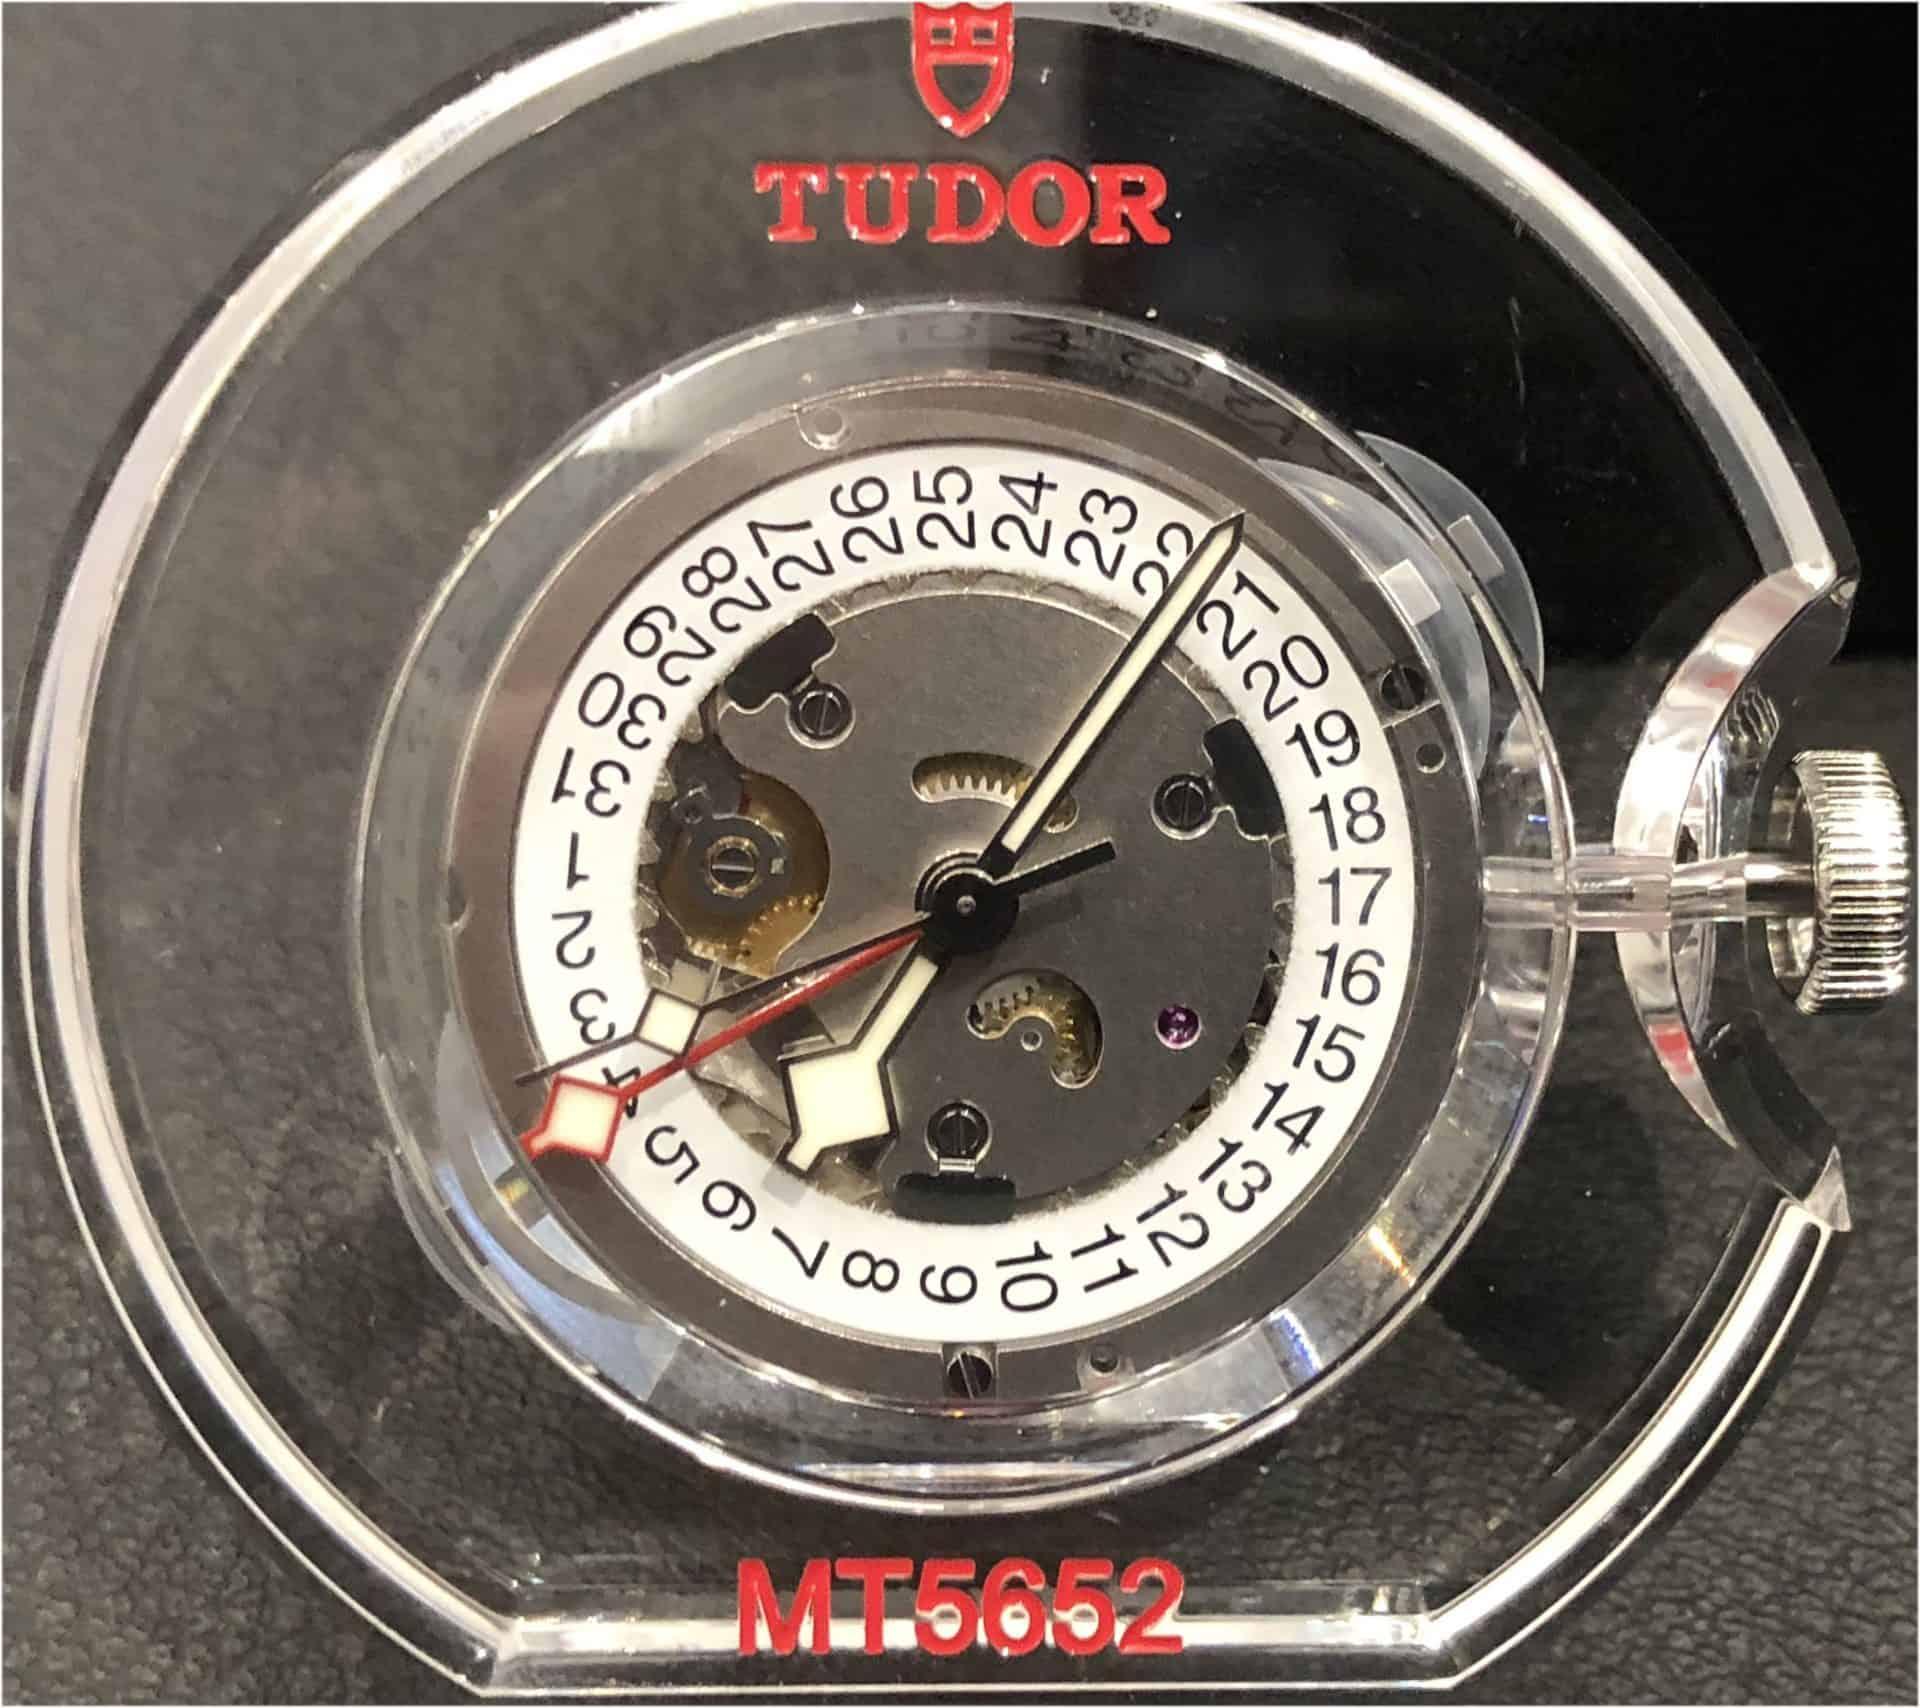 Das GMT Uhrwerk Tudor MT5652 bietet hohe Qualität